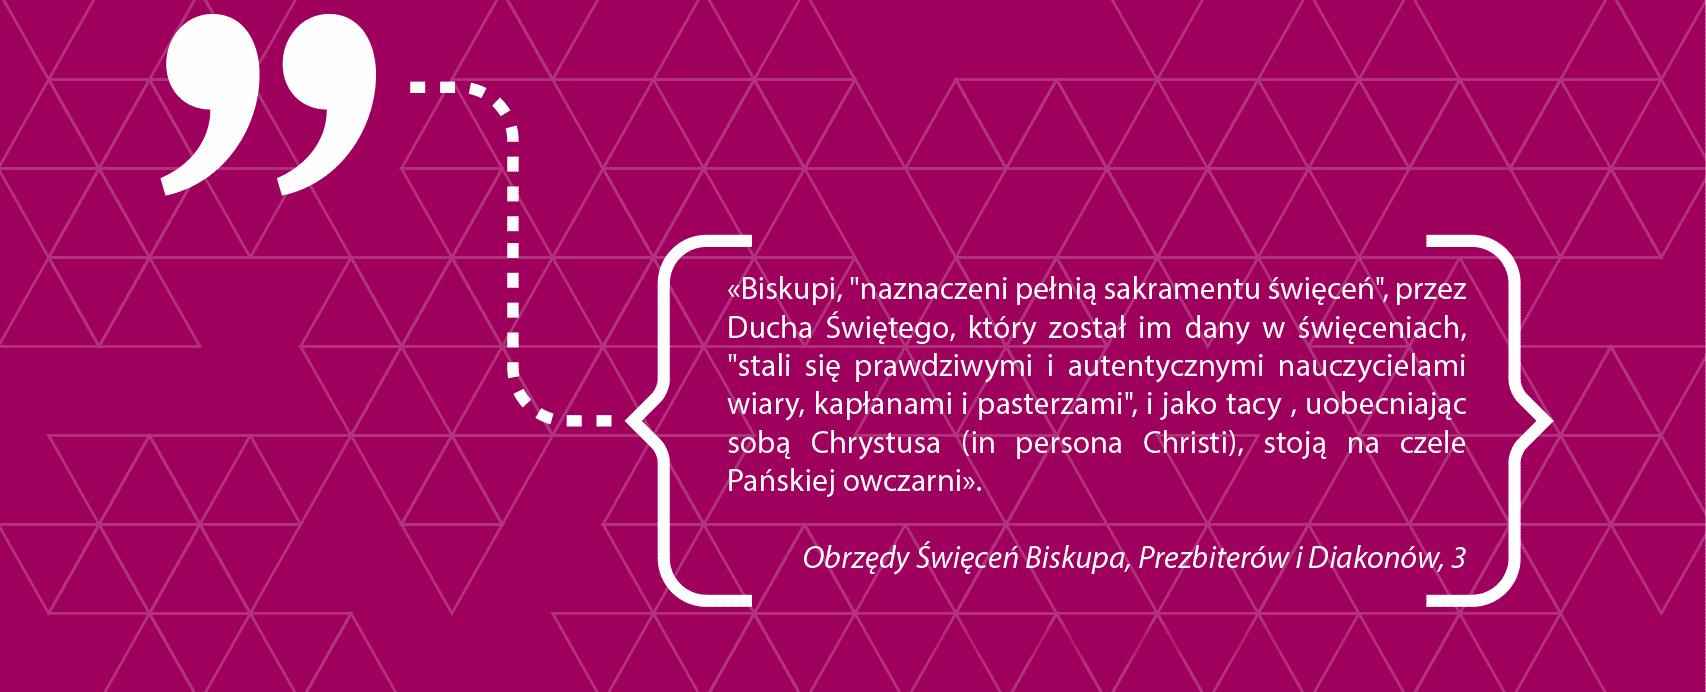 biskupi_2